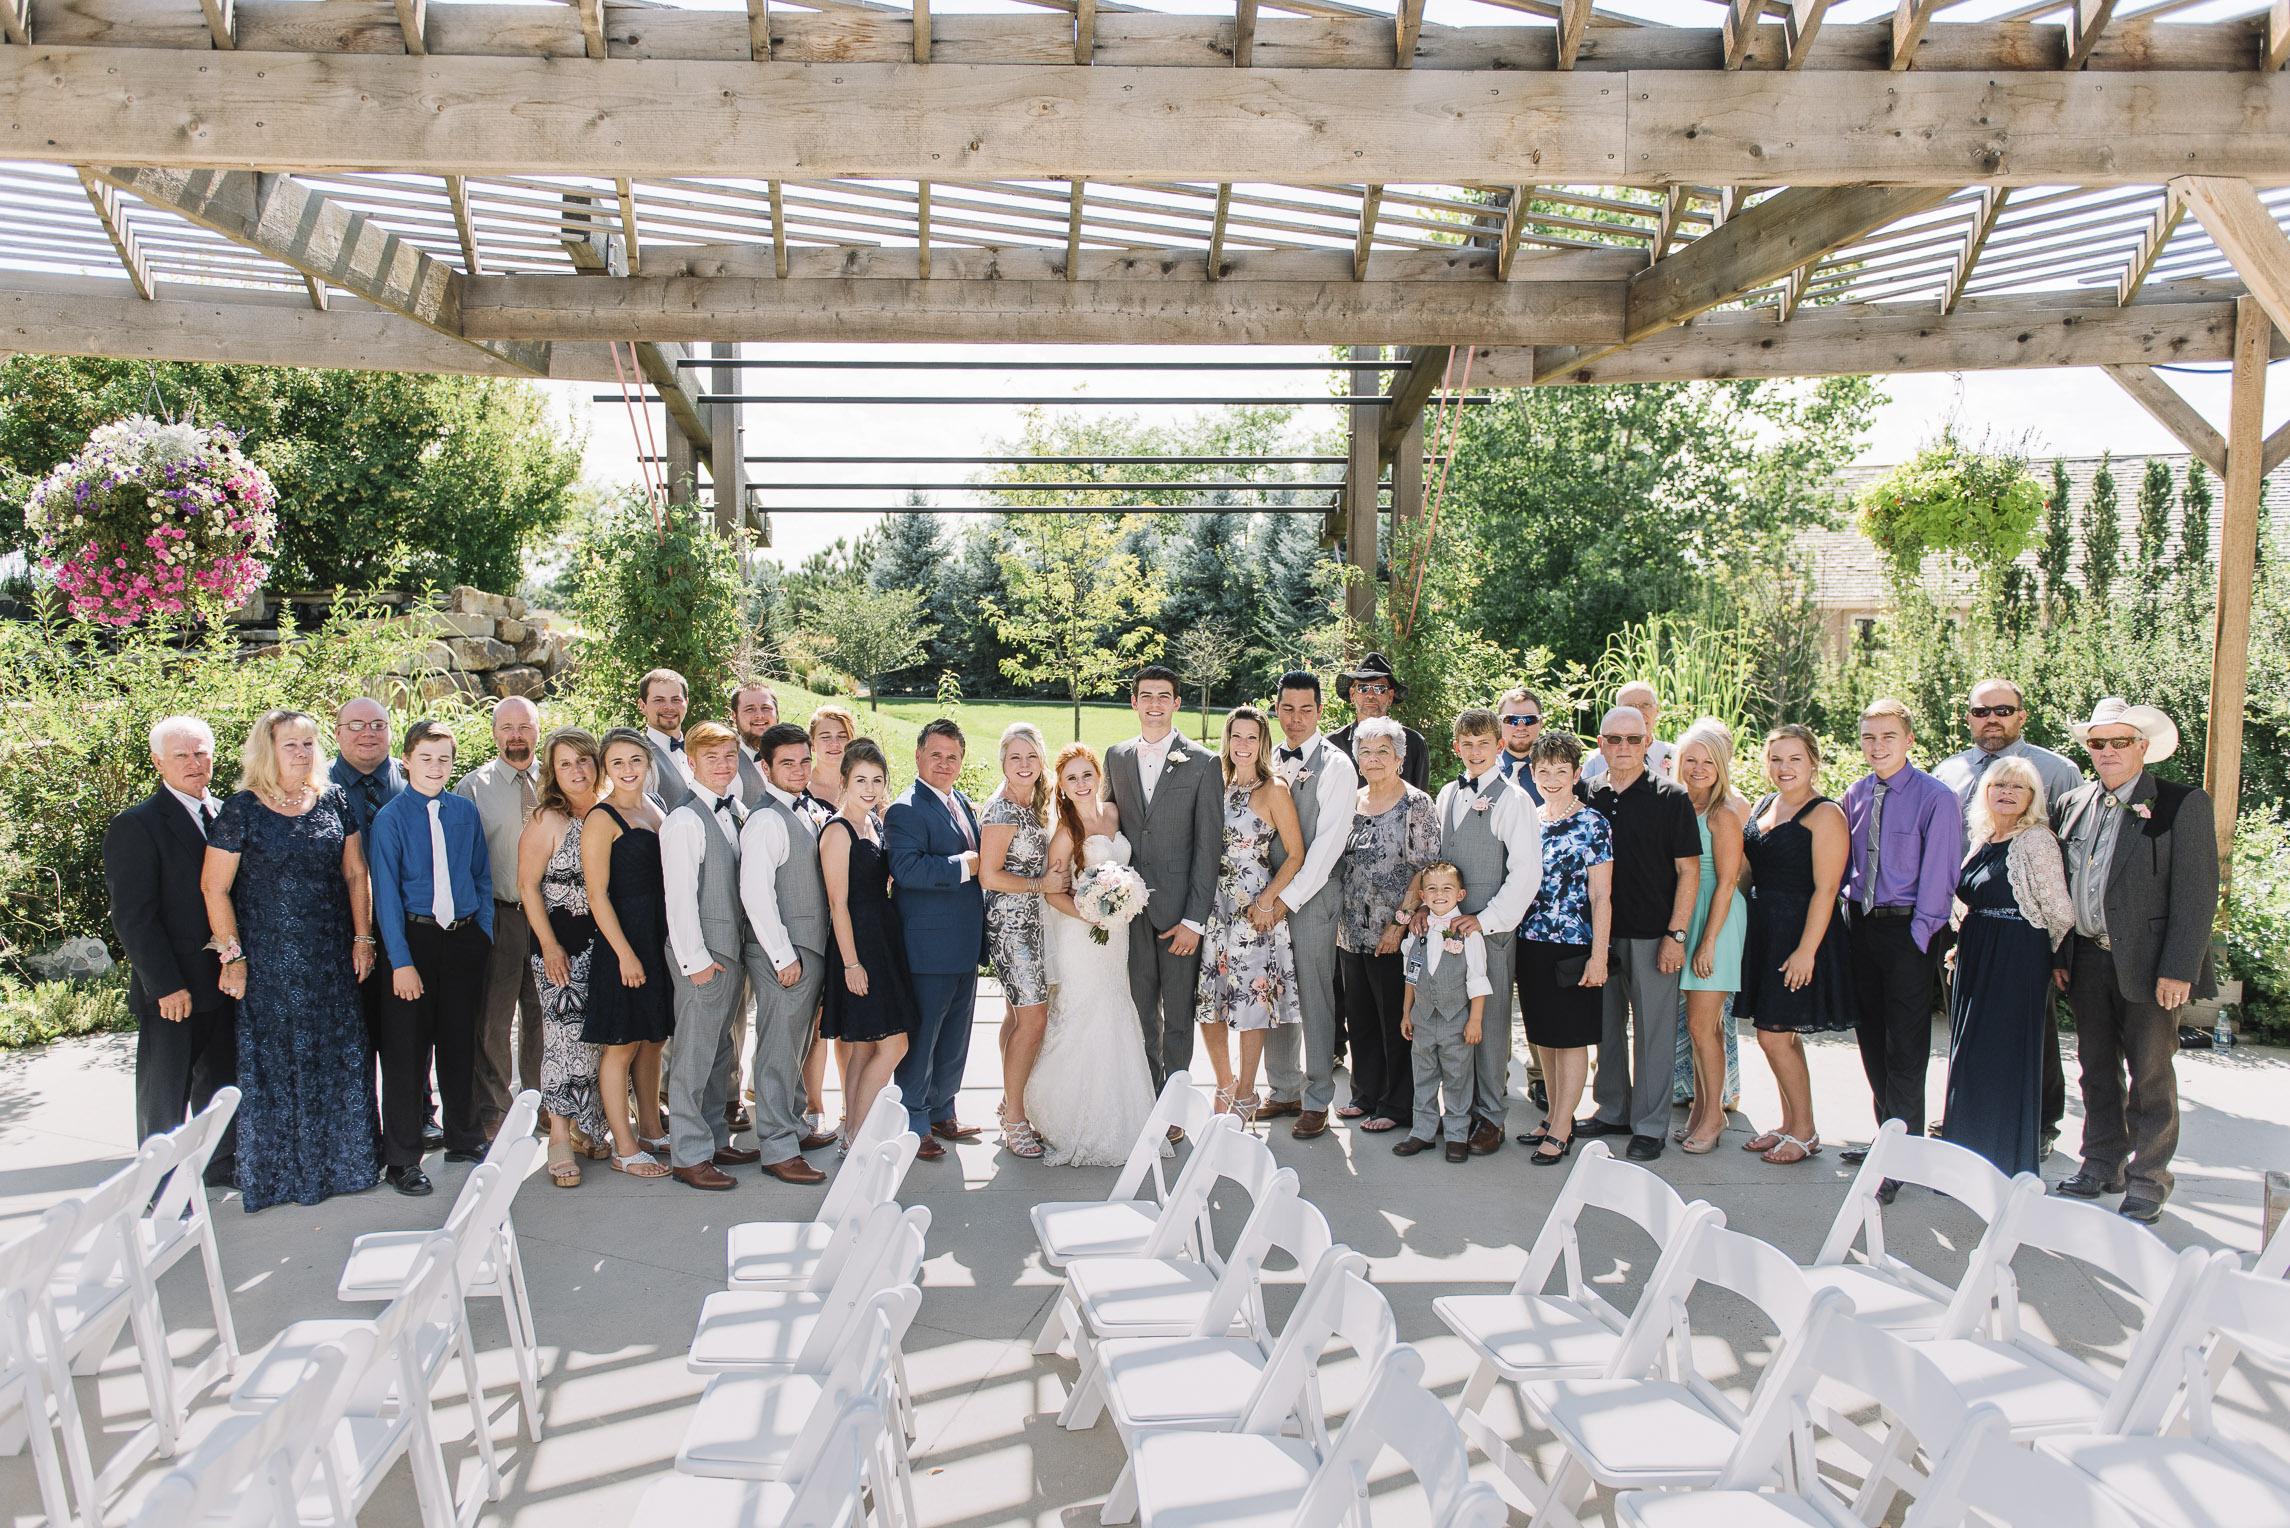 web sized images -- no to print --CALVIN & MCKYLEY WEDDING PHOTOS - COLORADO PHOTOGRAPHER - DEBI RAE PHOTOGRAPHY-1187.jpg